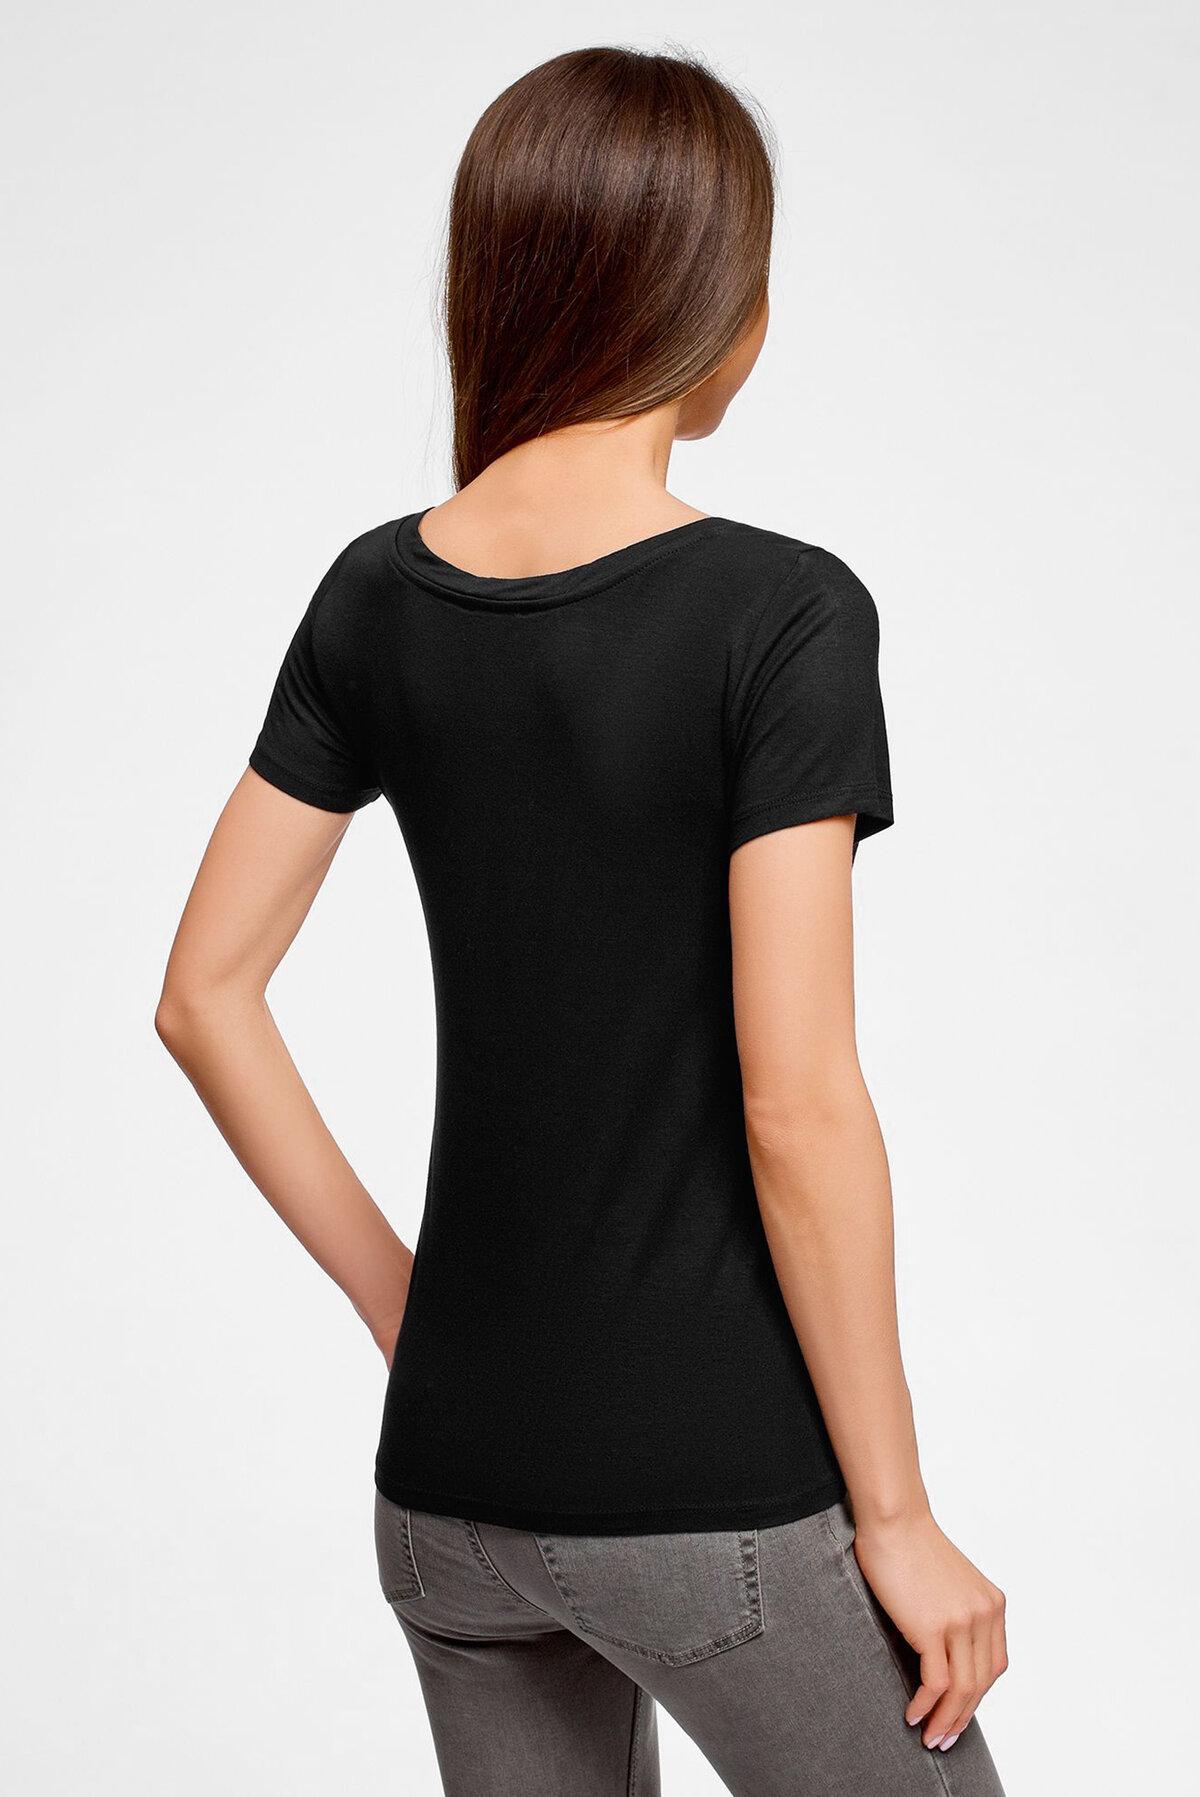 купить черную футболку женскую